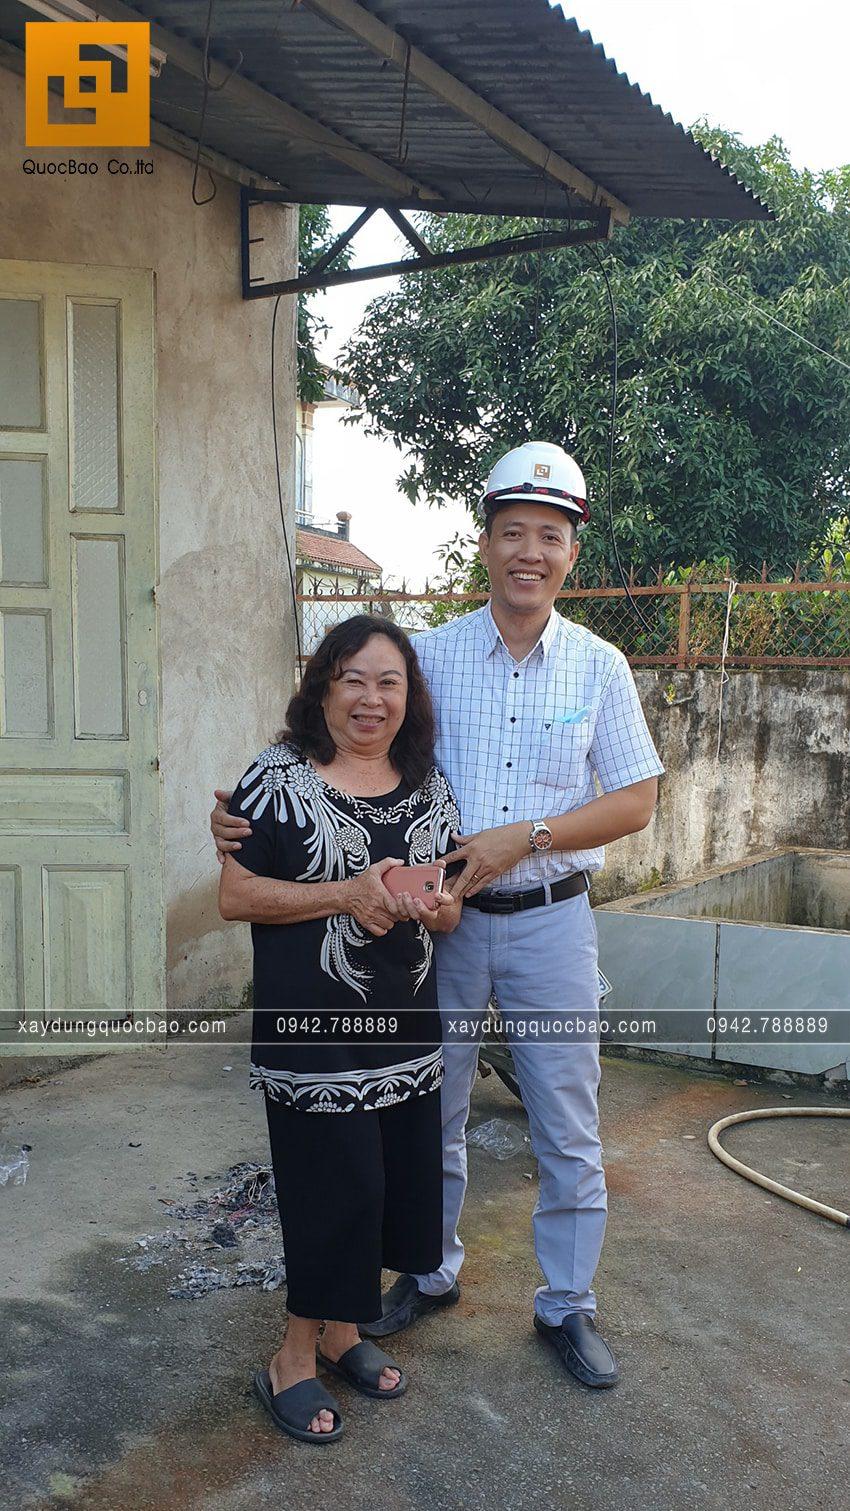 Khởi công nhà 3 tầng mặt tiền 6,9m tại Biên Hòa - Ảnh 4